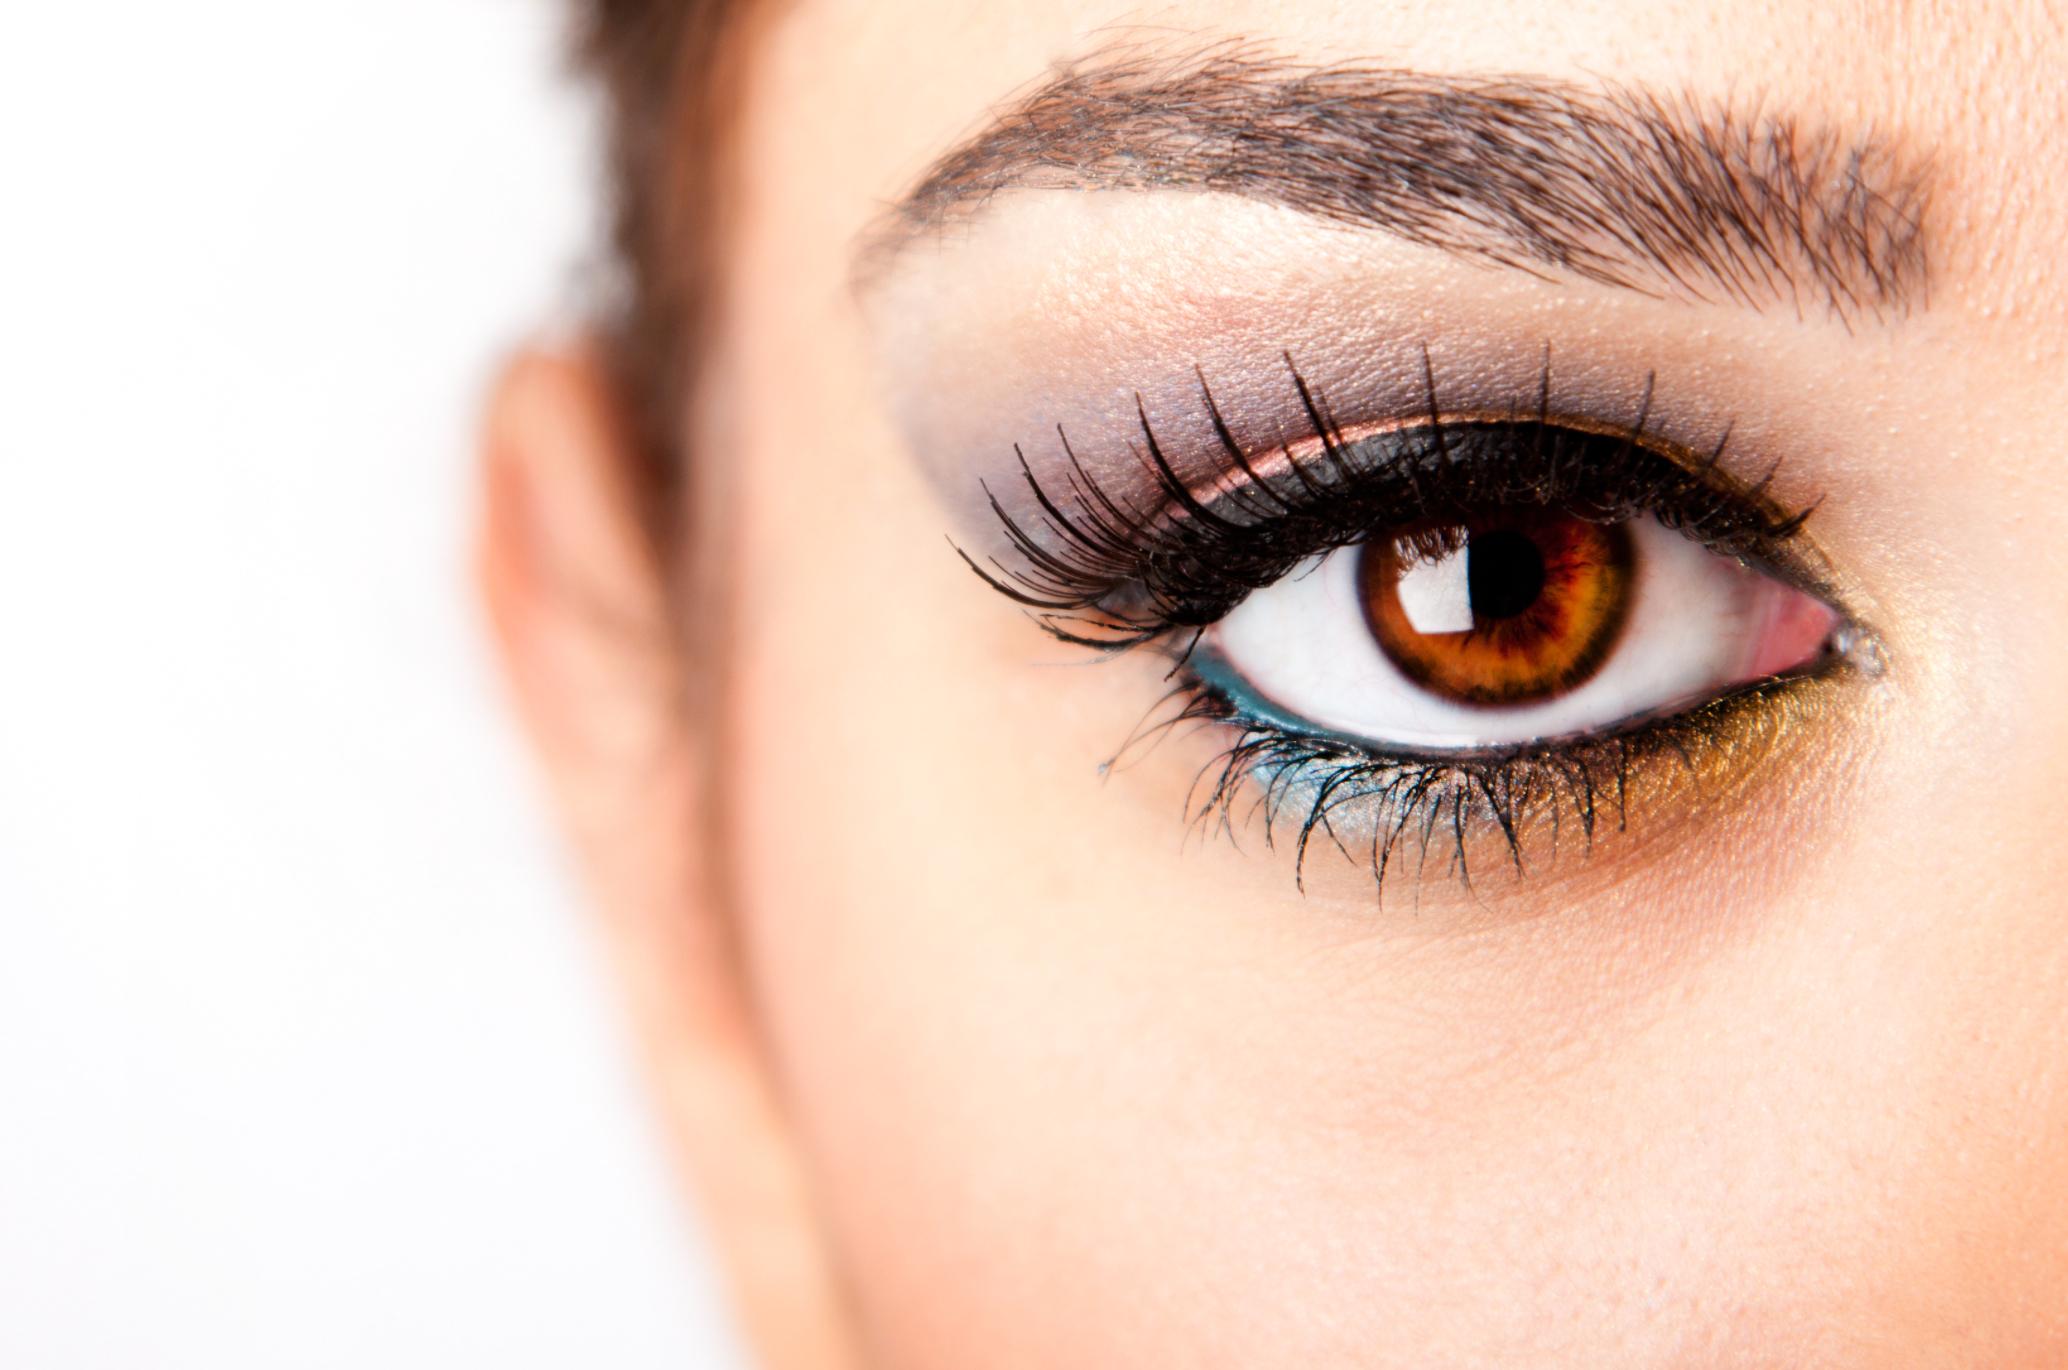 eyelash-maintenance-health_jpg_3_302×2_202_pixels